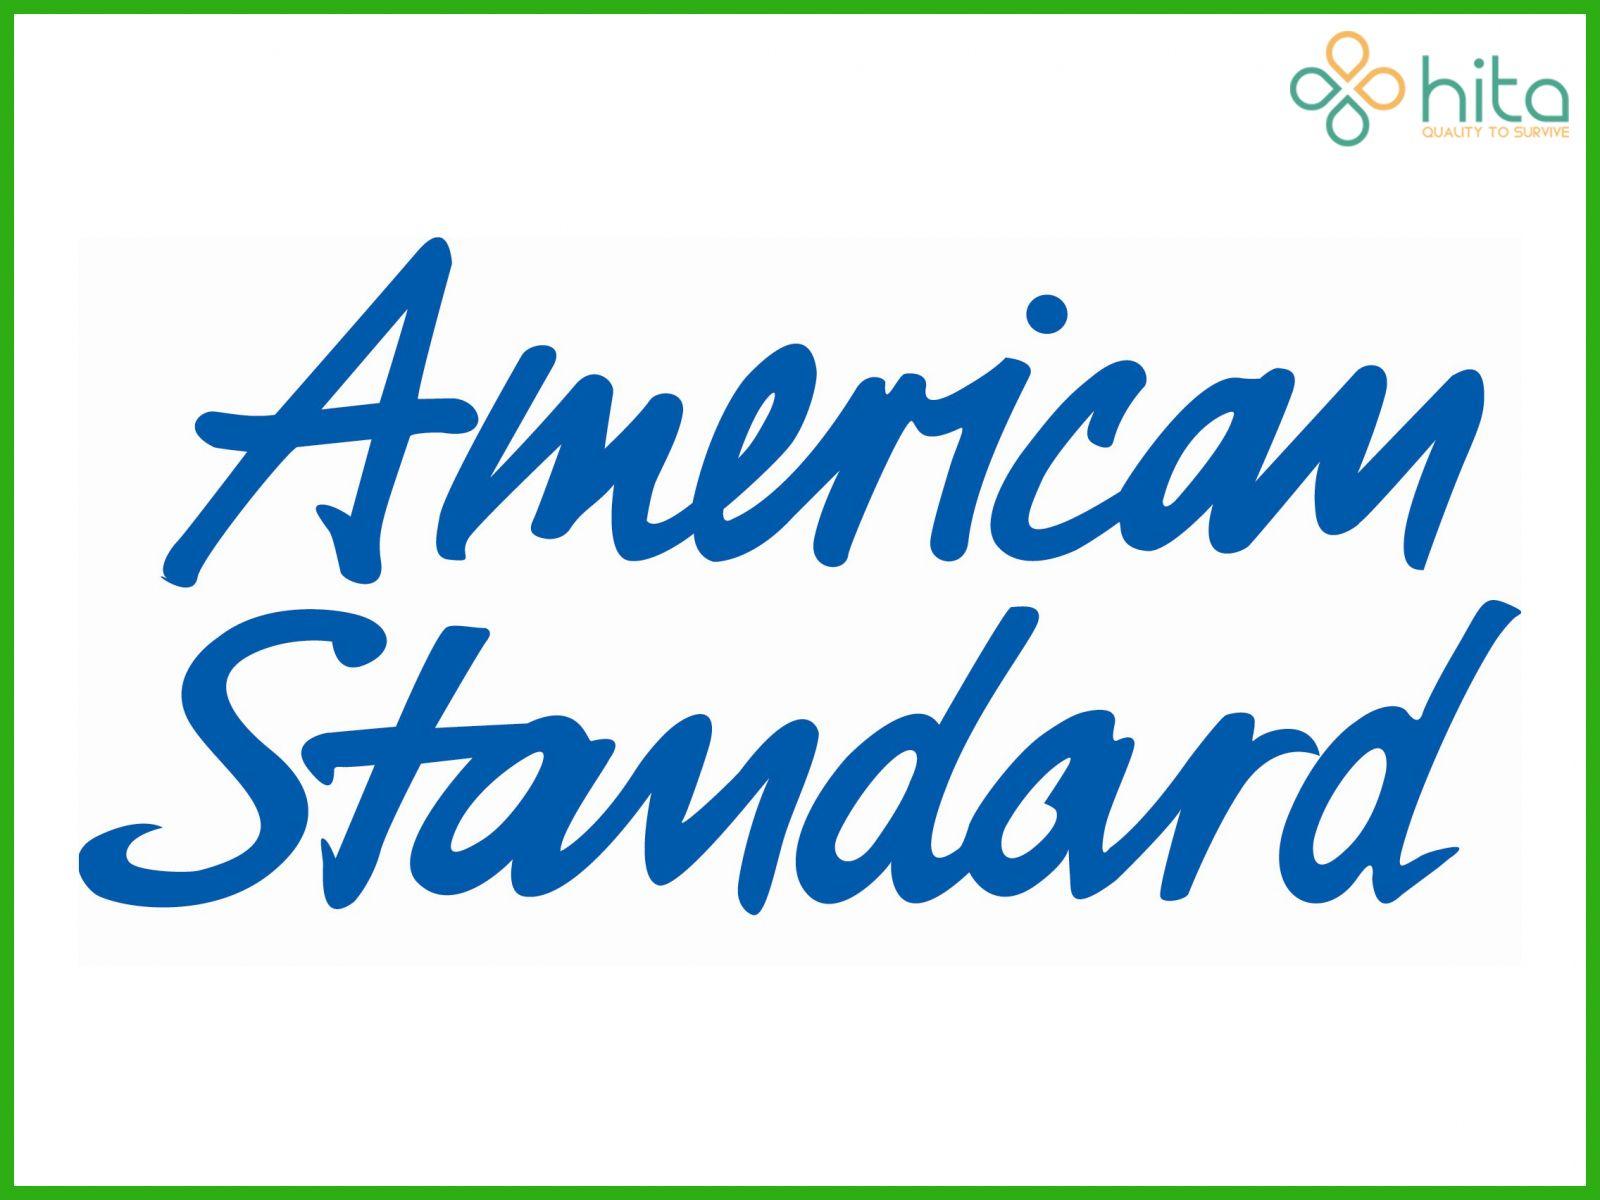 các hãng thiết bị vệ sinh american standar logo